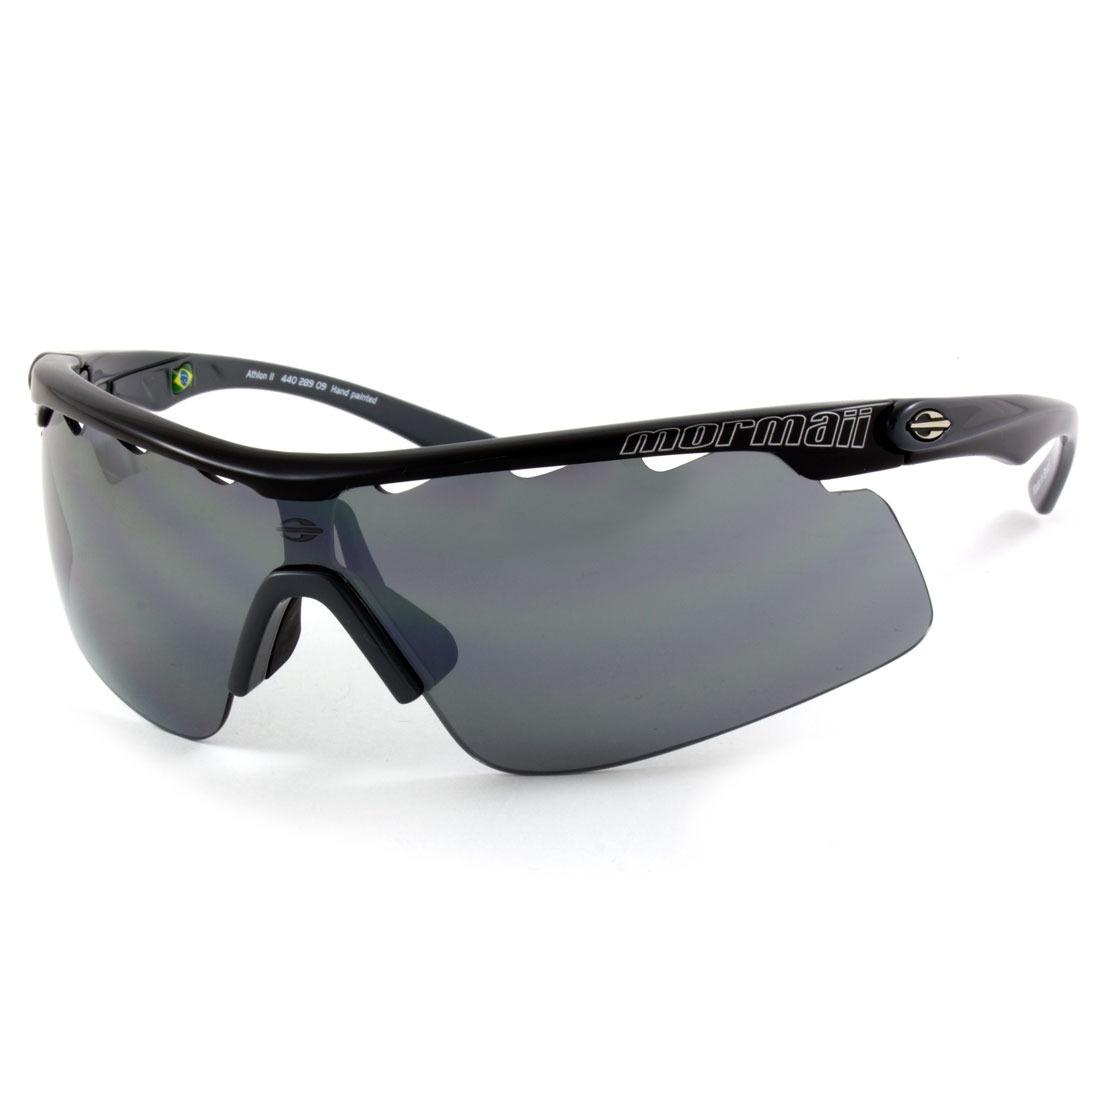 955a933f811fc óculos de sol mormaii athlon 2 440 289 09 - 2 lentes. Carregando zoom.